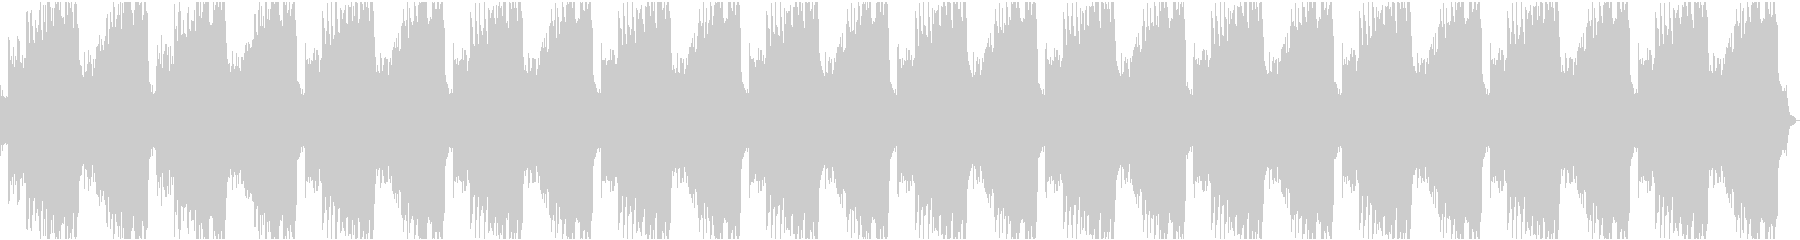 企業VP29 始まり・28分バージョンの未再生の波形